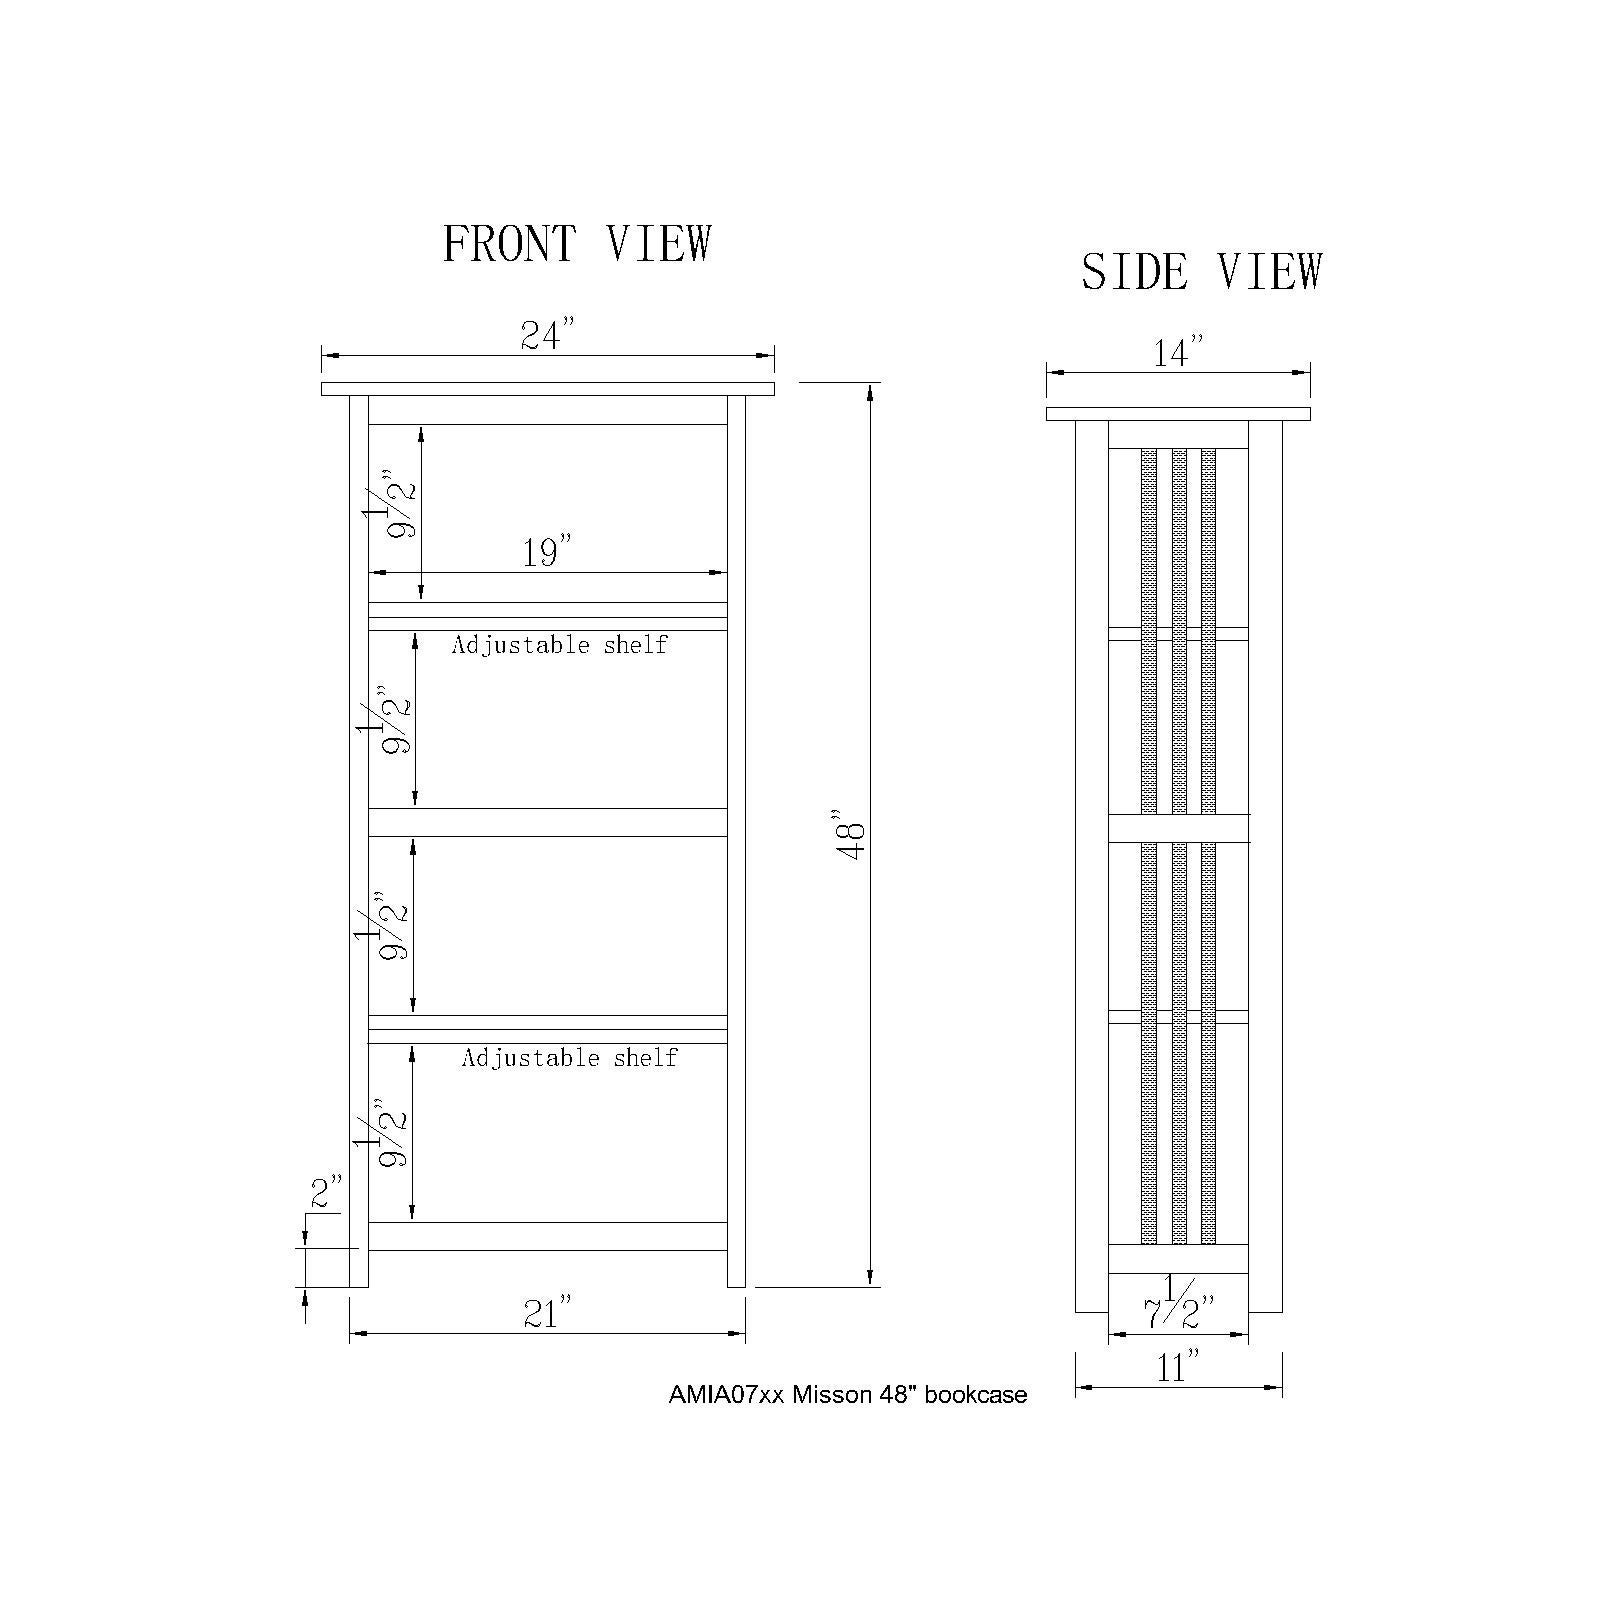 bookcase schematic wiring diagram